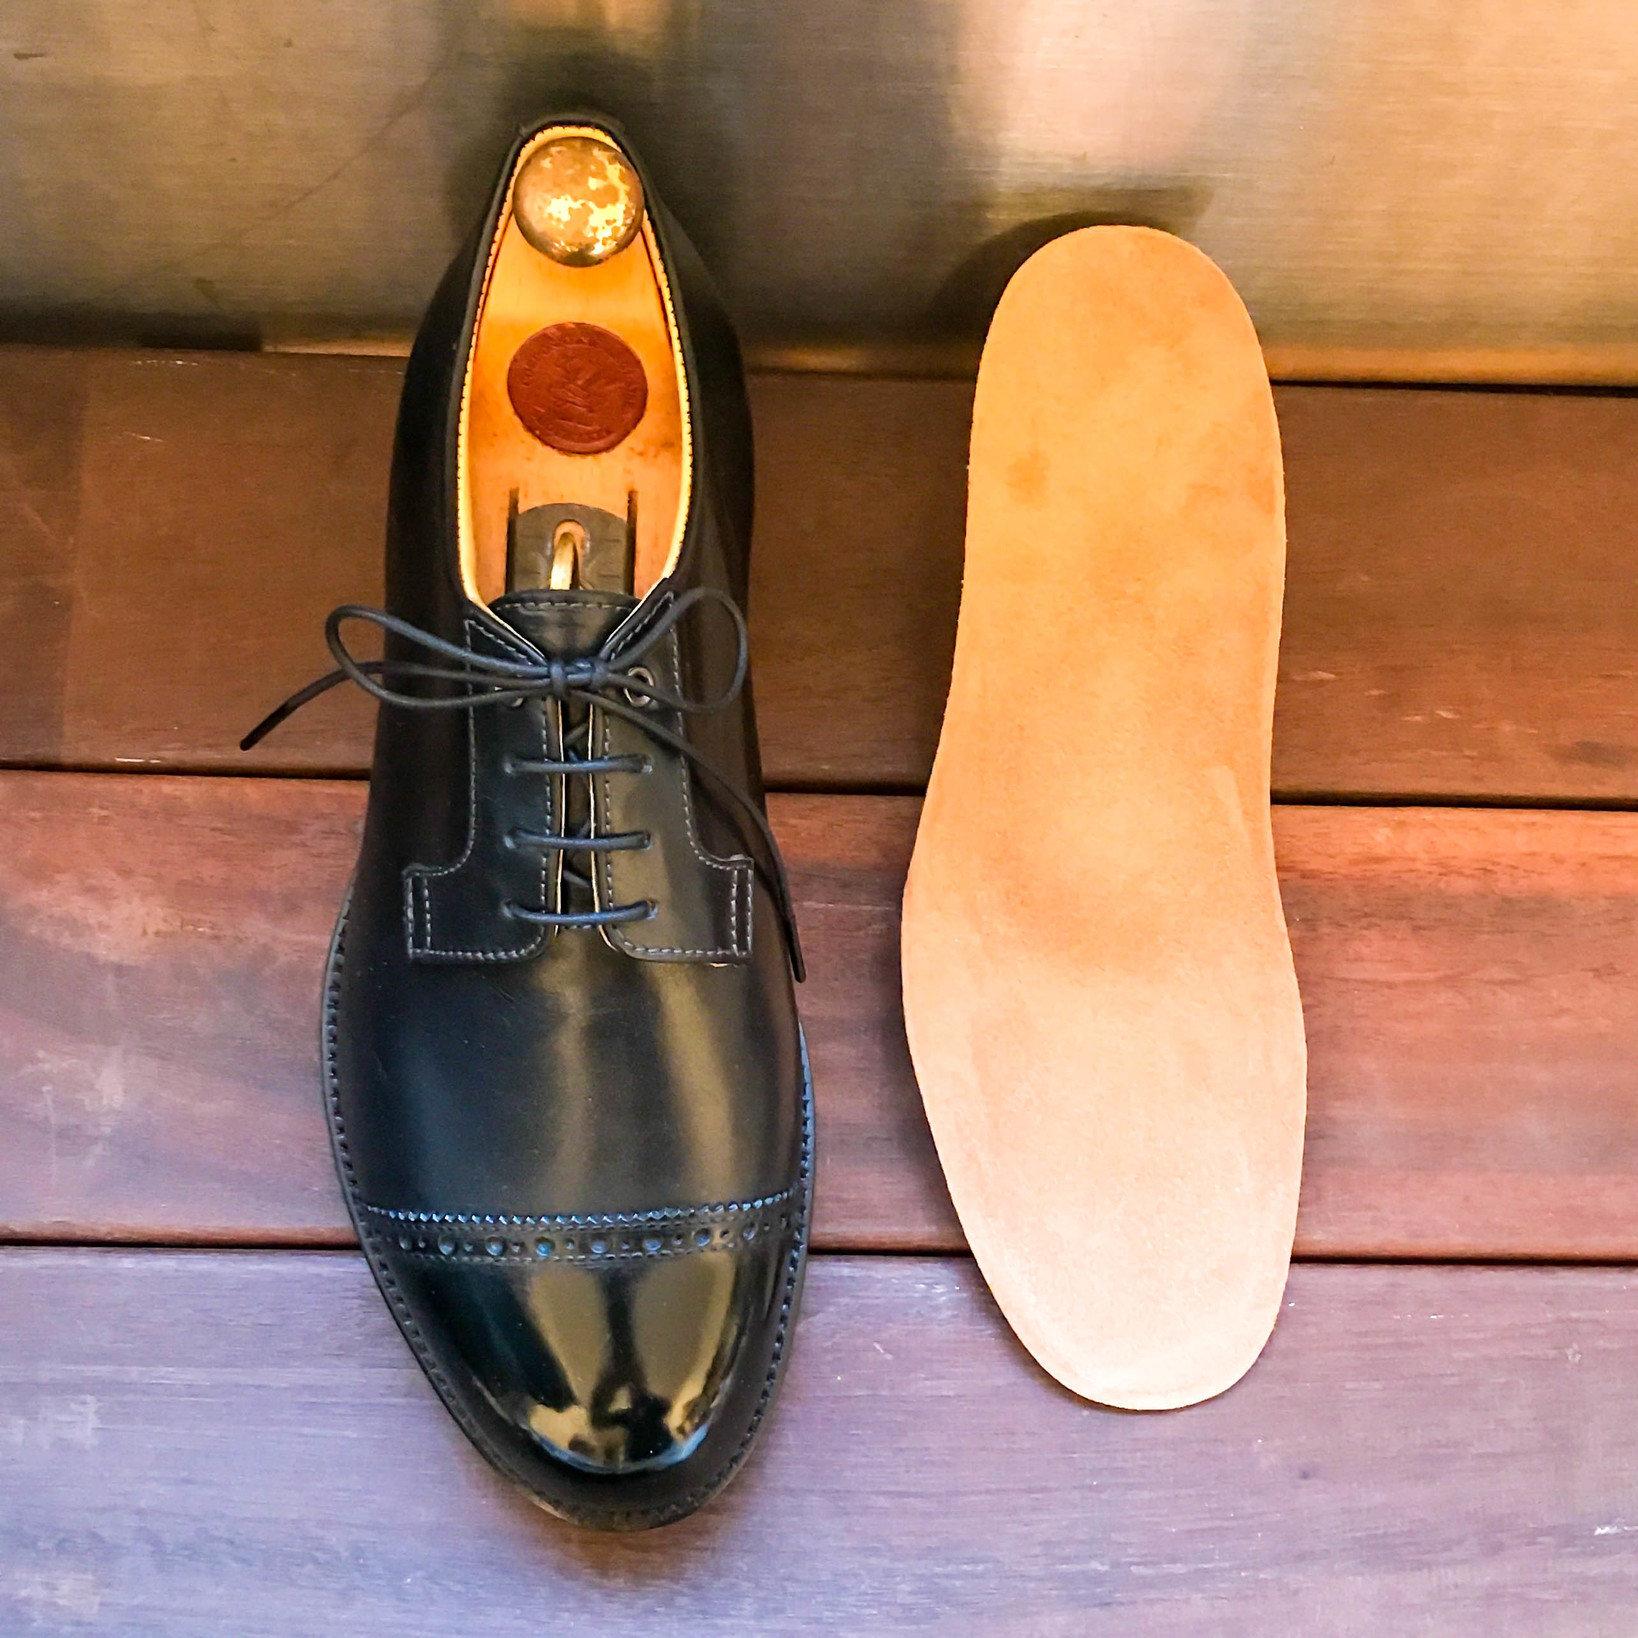 LIGHTBULB.のダービーシューズ。LIGHTBULB.の靴は、生体力学を元に設計を行い足に掛かる負担を軽減出来るインソールを使っています。